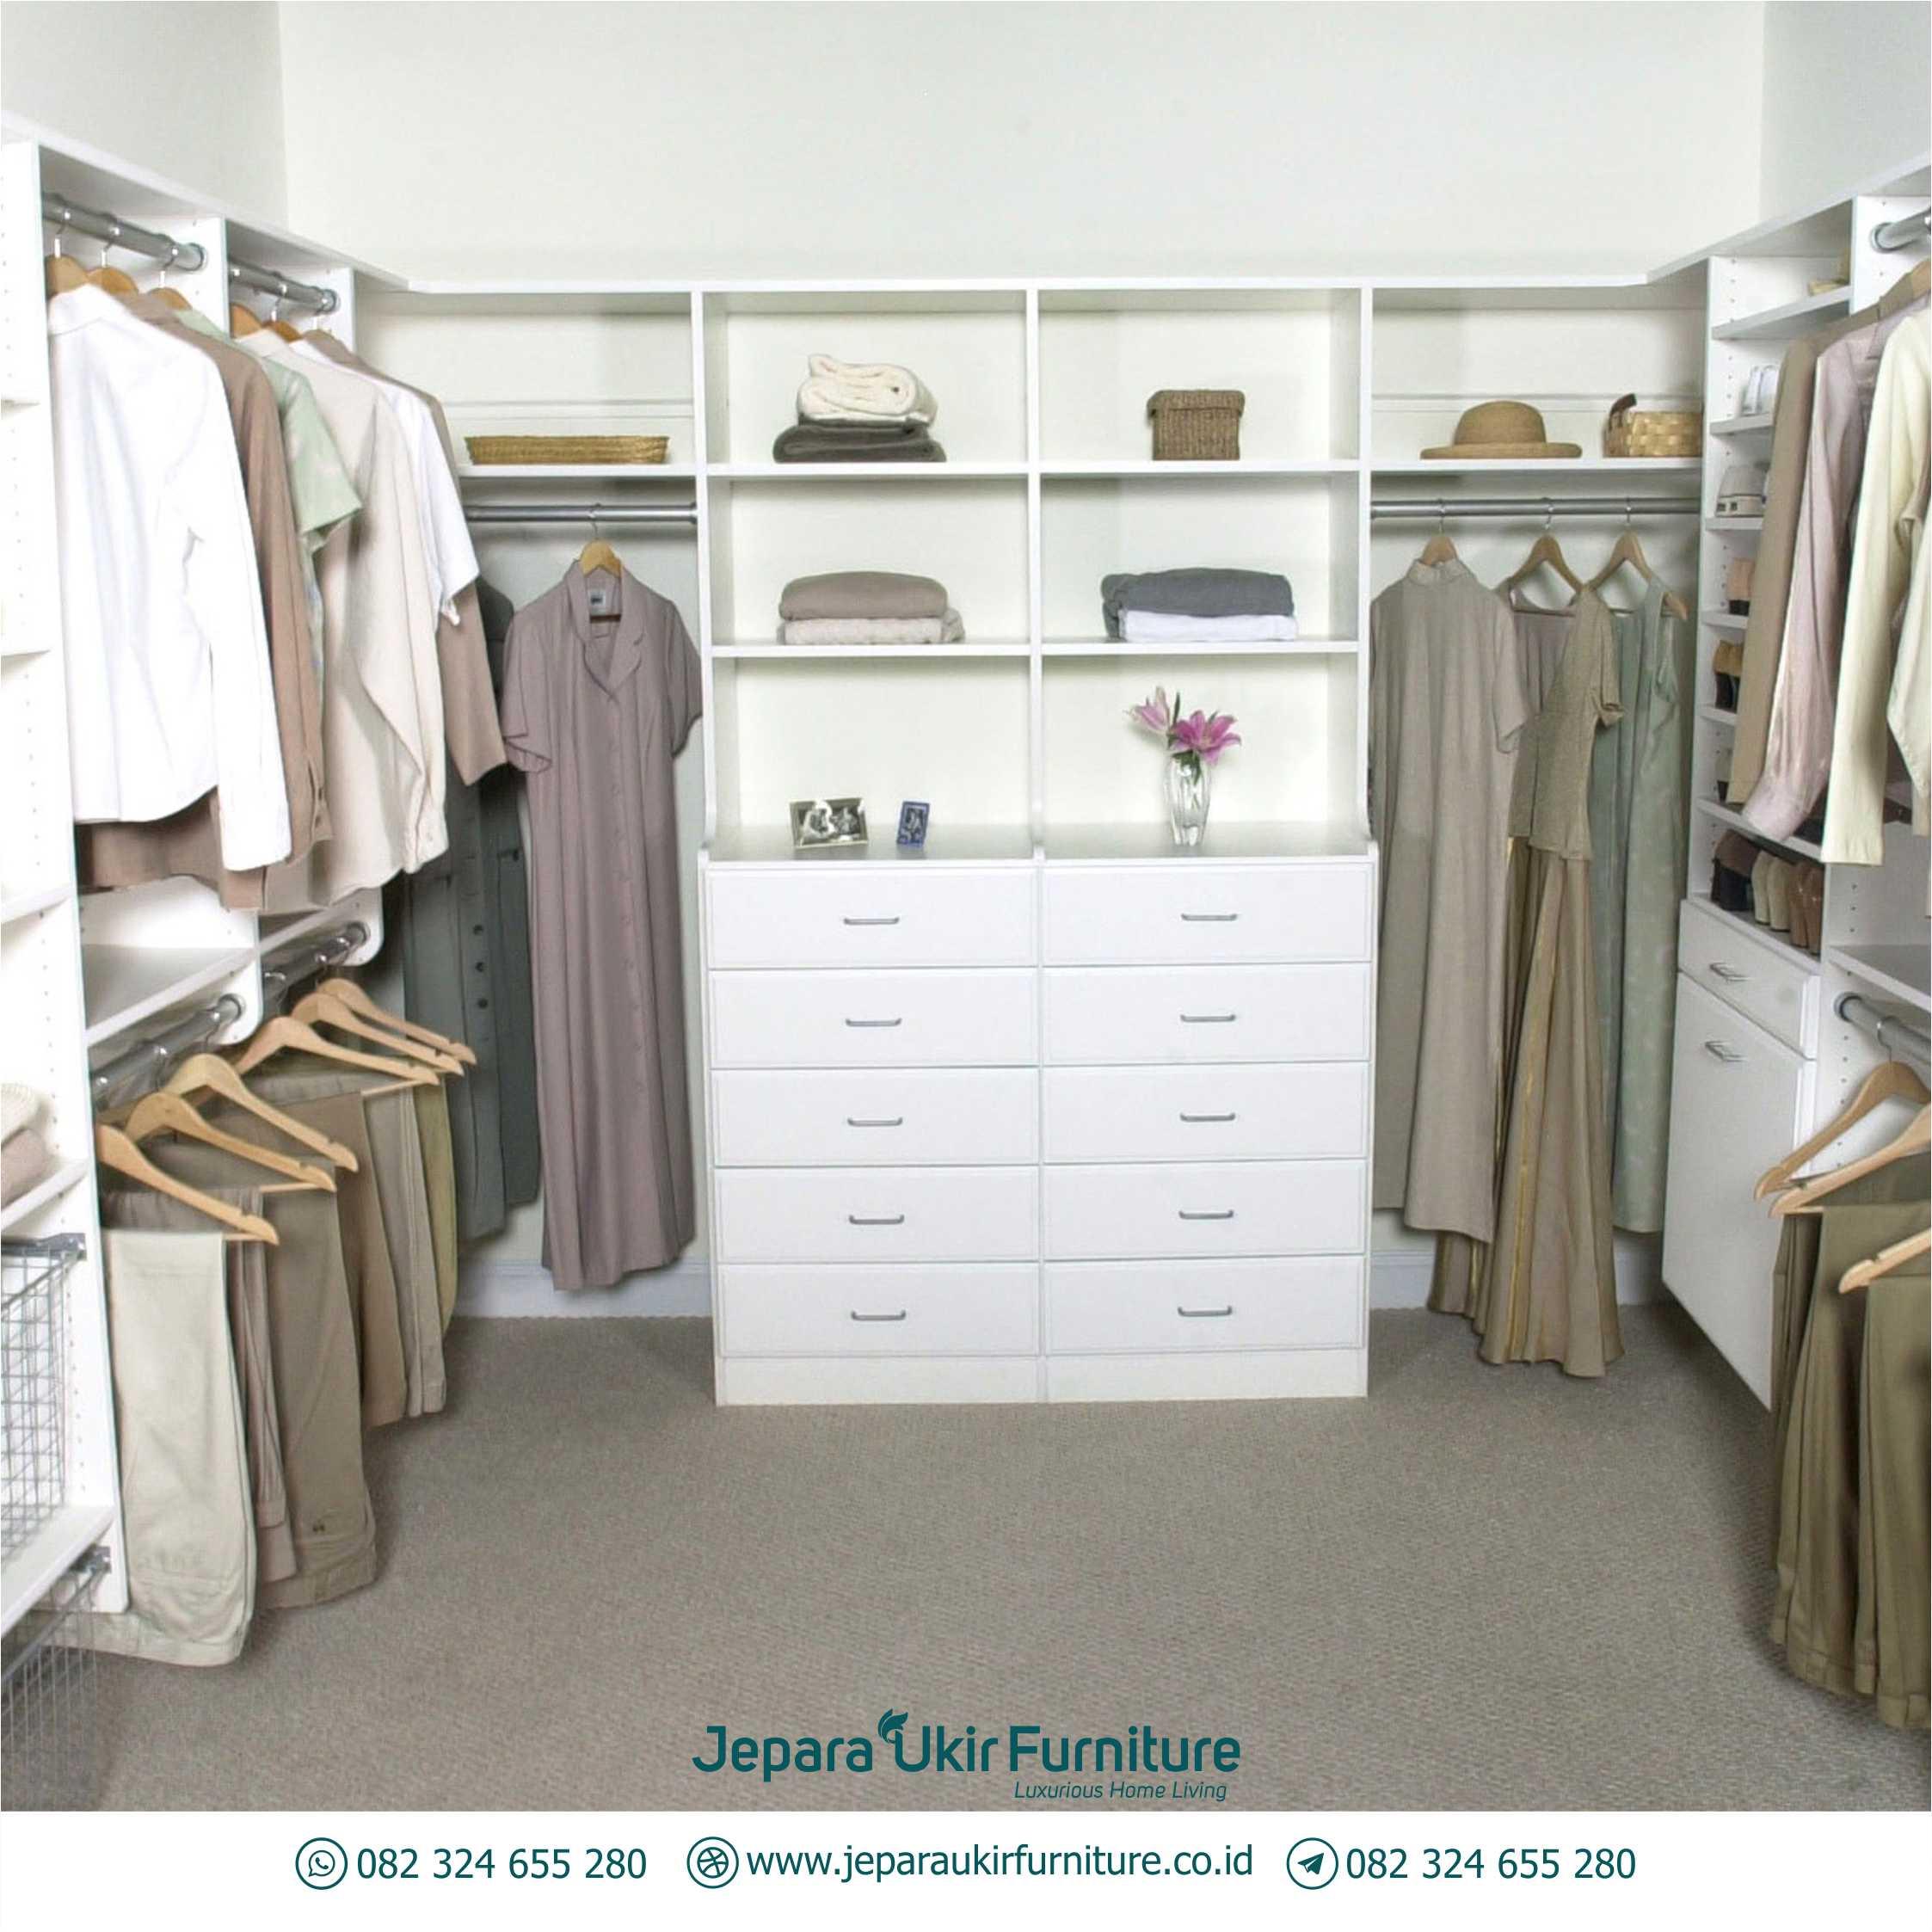 lemari hias minimalis, lemari hias ruang tamu, lemari hias kaca, lemari hias minimalis ruang tamu kecil, lemari hias kecil, lemari hias sudut ruang tamu, lemari hias minimalis dan harganya, lemari hiasan, lemari hias cermin, lemari hias cat duco, lemari hias kayu, lemari hias dari kayu, lemari hias di kamar tidur, lemari sepatu kaca, lemari sepatu kayu, lemari sepatu minimalis, lemari sepatu dan tas, lemari sepatu bawah tangga, lemari sepatu besar, lemari sepatu custom